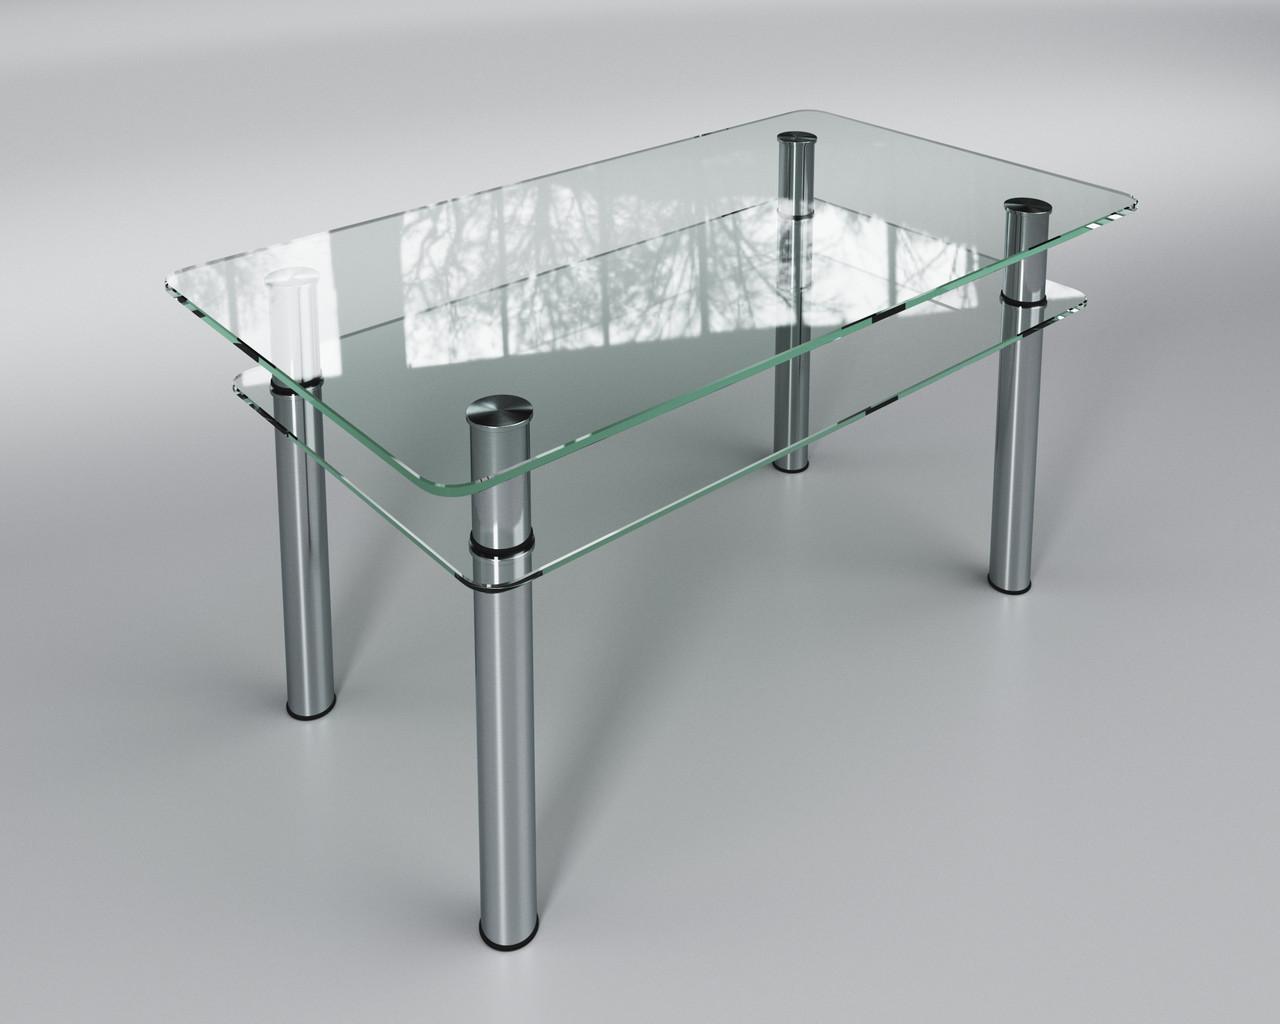 Стол Sentenzo Кристалл с полкой кухонный обеденный прямоугольный стеклянный нераскладной